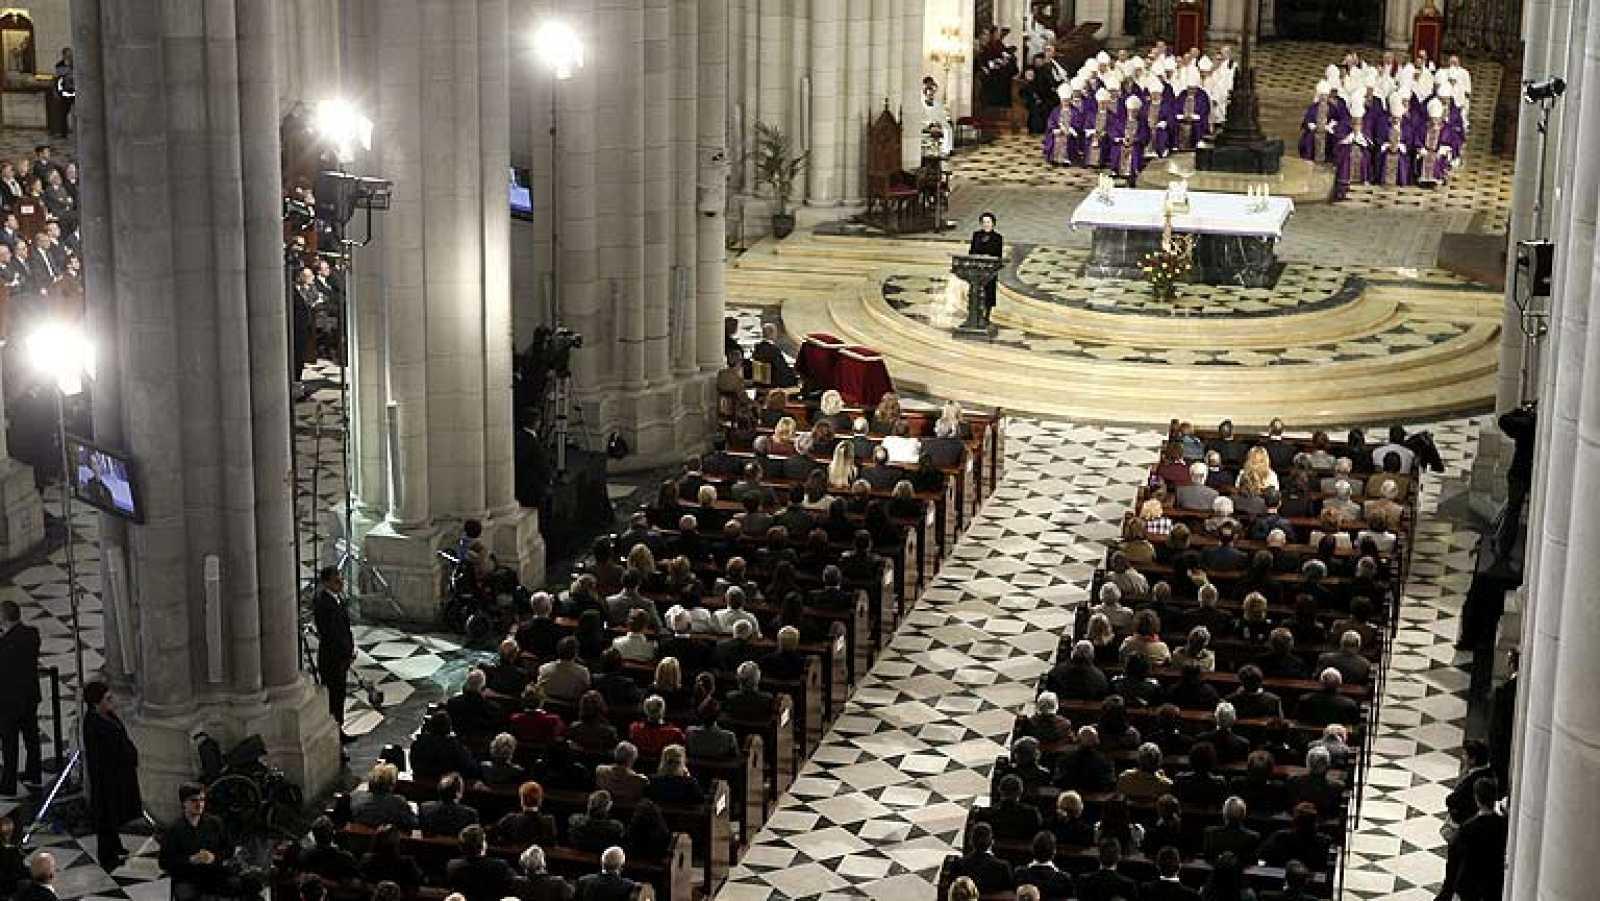 Las víctimas del 11M, unidas en el funeral de Estado diez años después